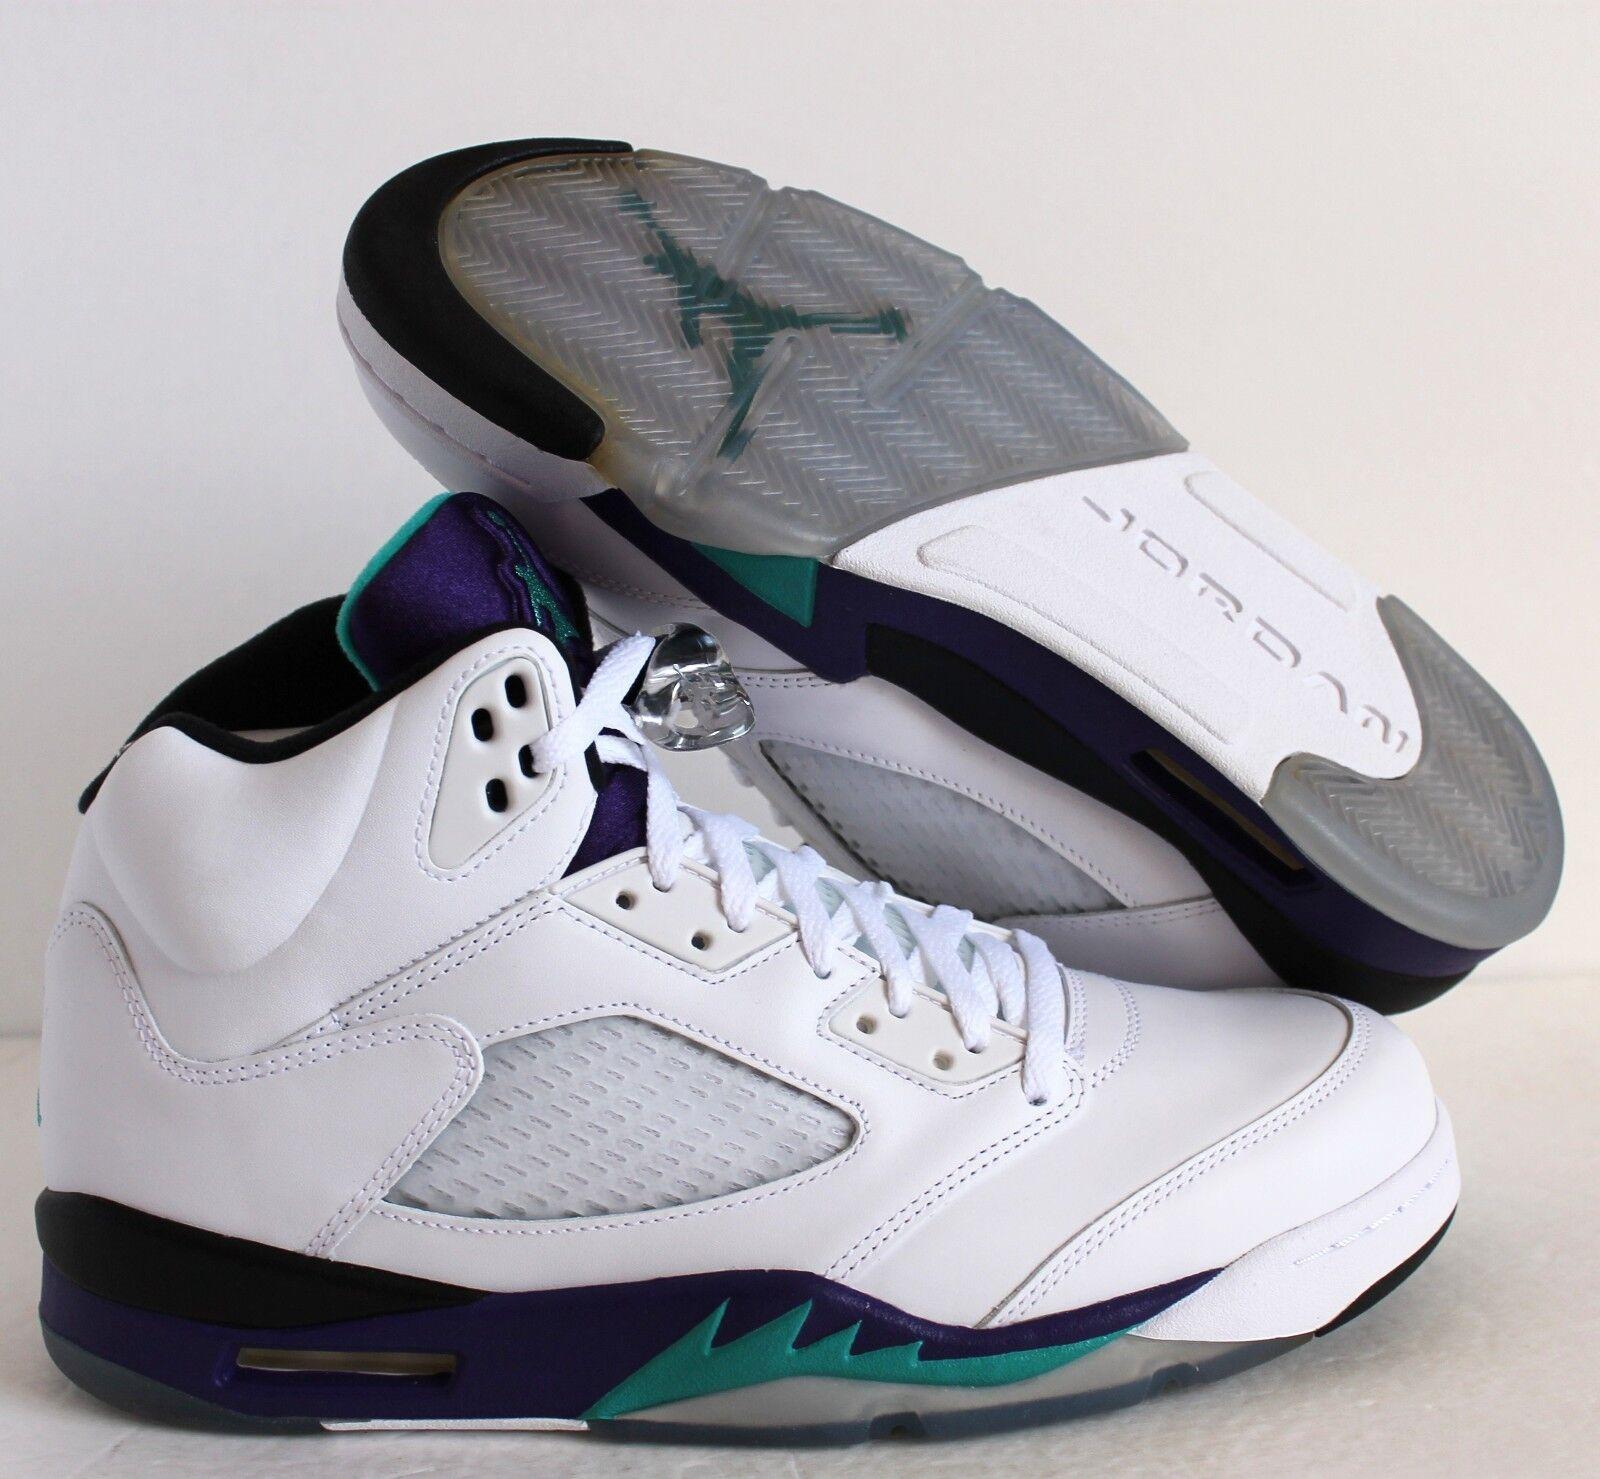 Nike air jordan 5 'uva white-new emerald-grape sz - 136027-108]